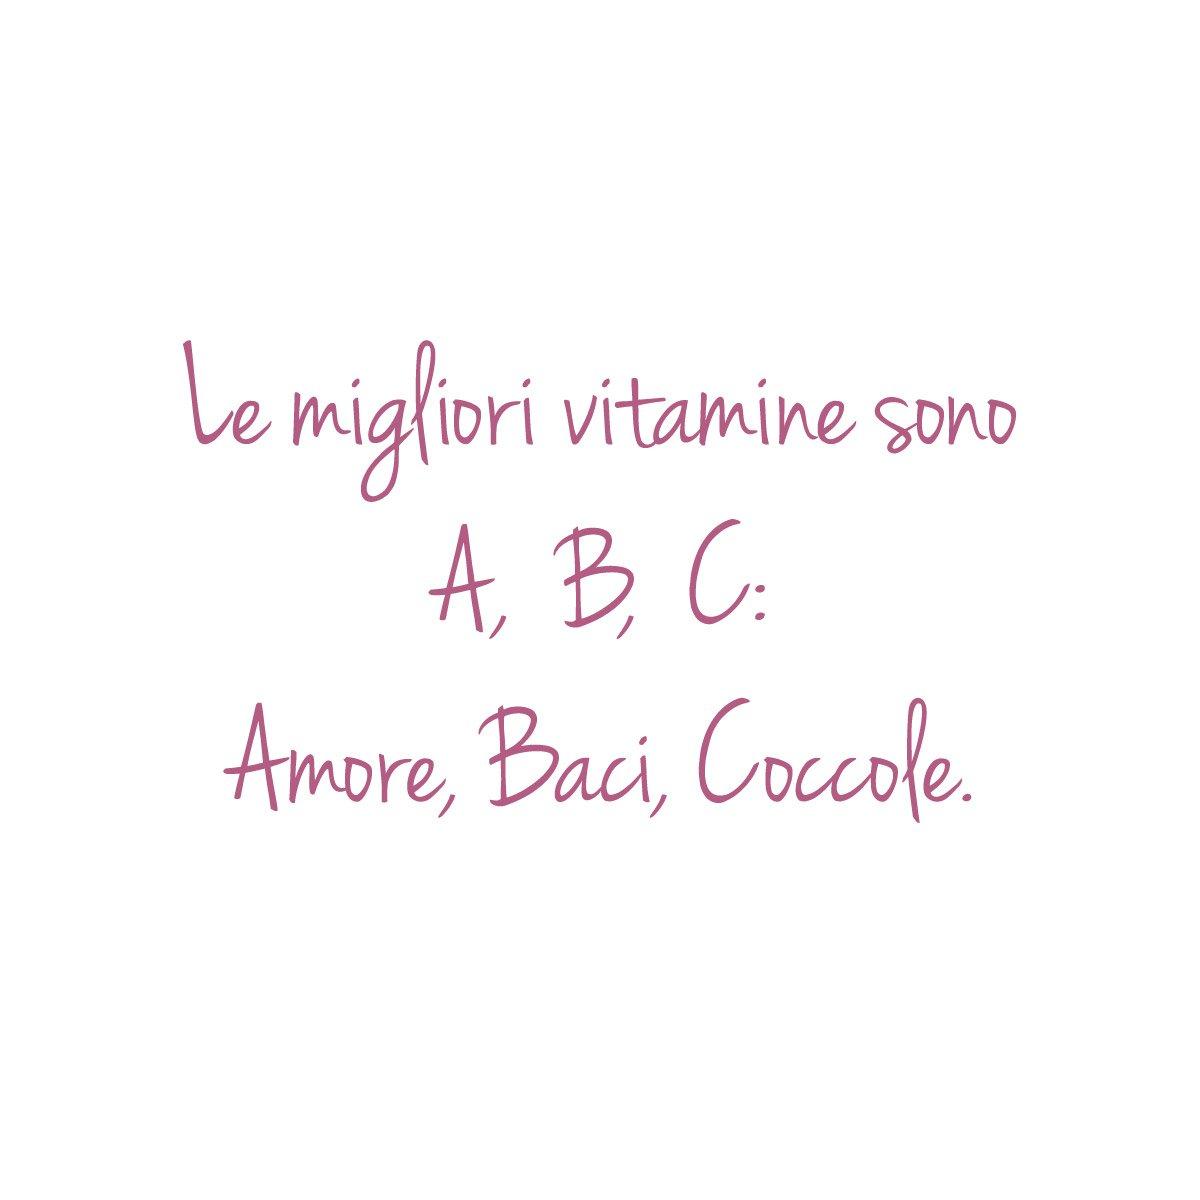 Love! Love! Love!  #jewelcandle #buonsanvalentino #volersibene pic.twitter.com/9vOBOd6DJa